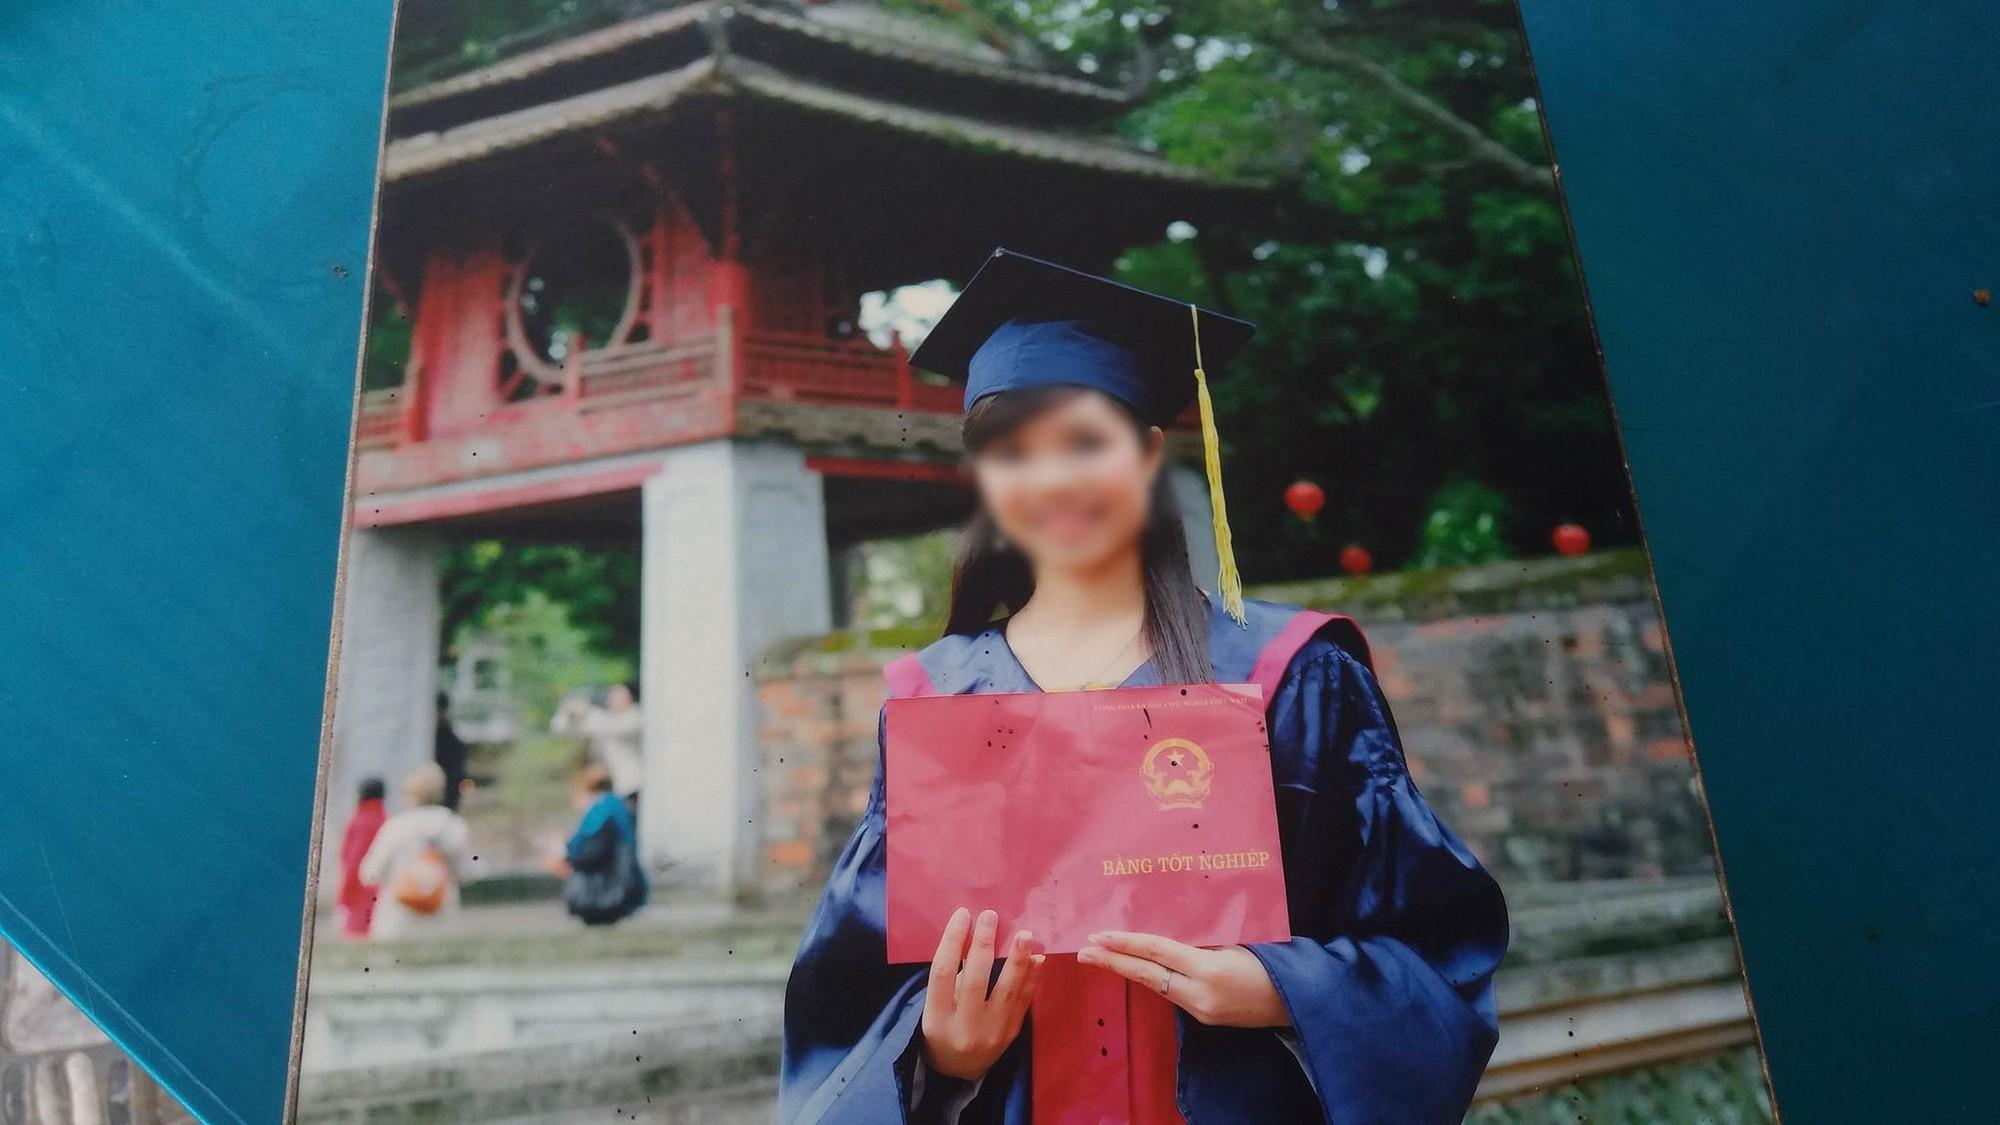 Nữ du học sinh Nghệ An tử vong ở Nhật, gia đình nghèo không đủ kinh phí đưa về quê an táng - Ảnh 1.